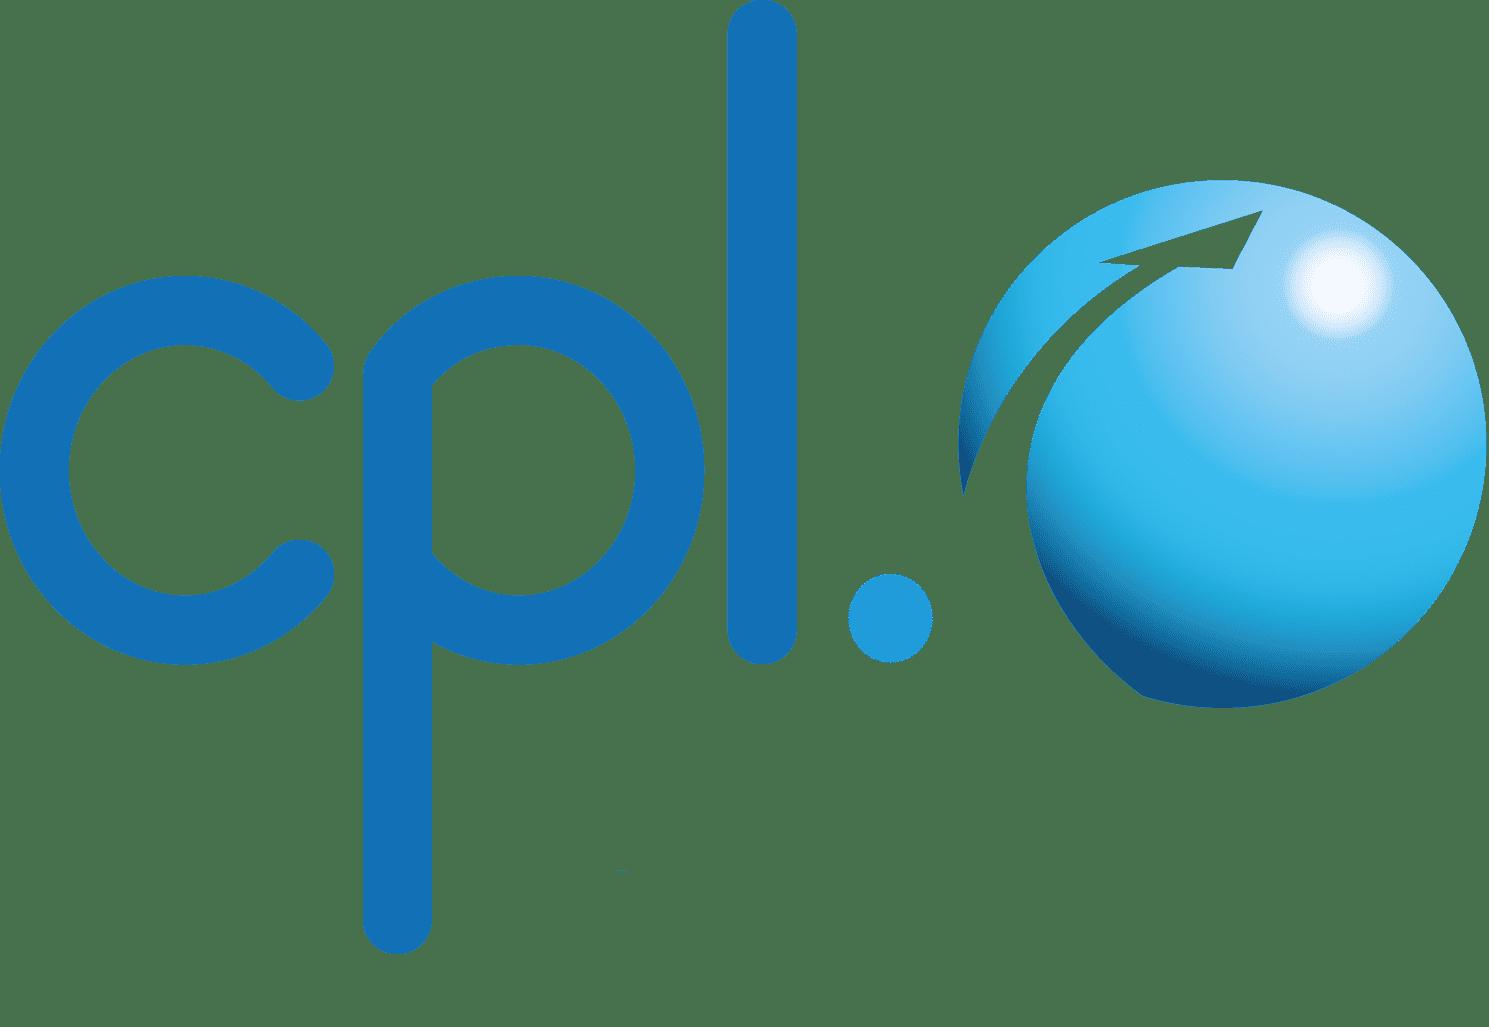 Что такое cpl?